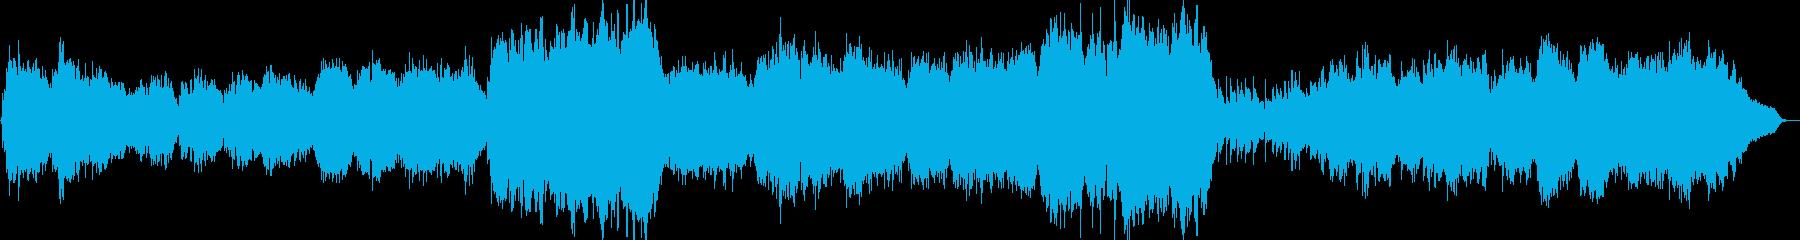 優しいイメージのヒーリング曲の再生済みの波形